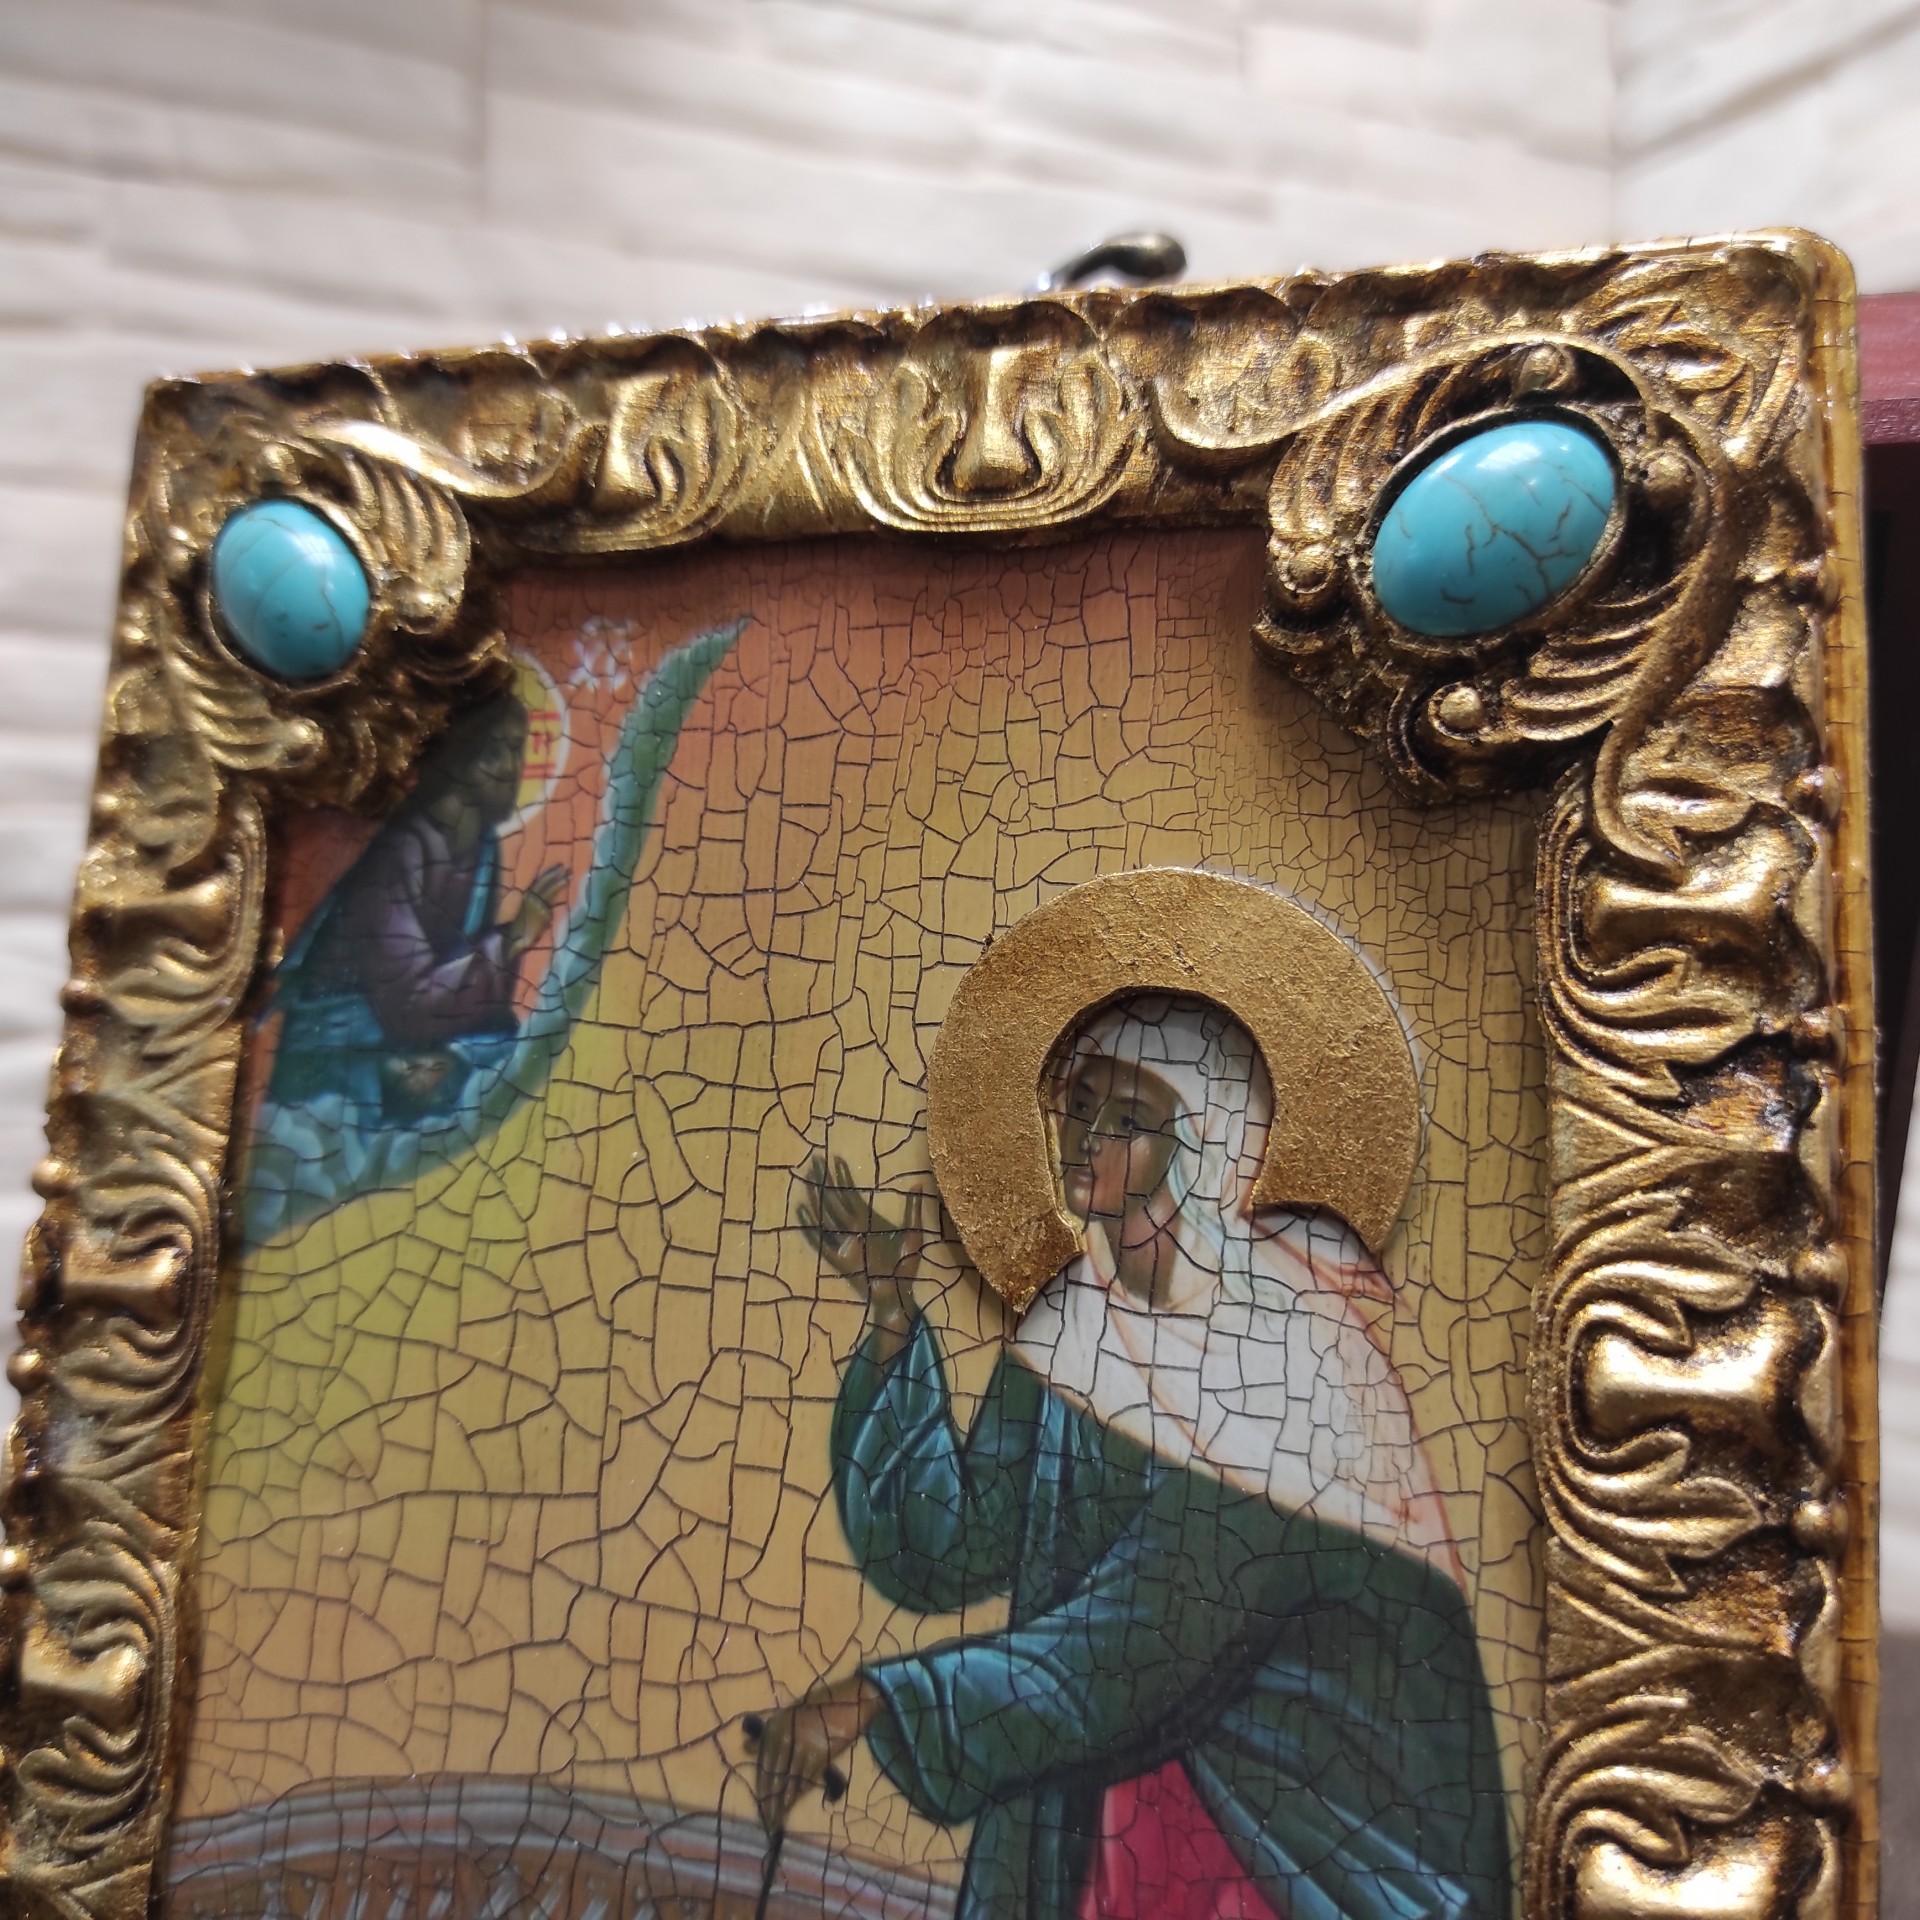 Фото иконы Ксения Петербургская, святая блаженная, подарочная в футляре вид верхних камней